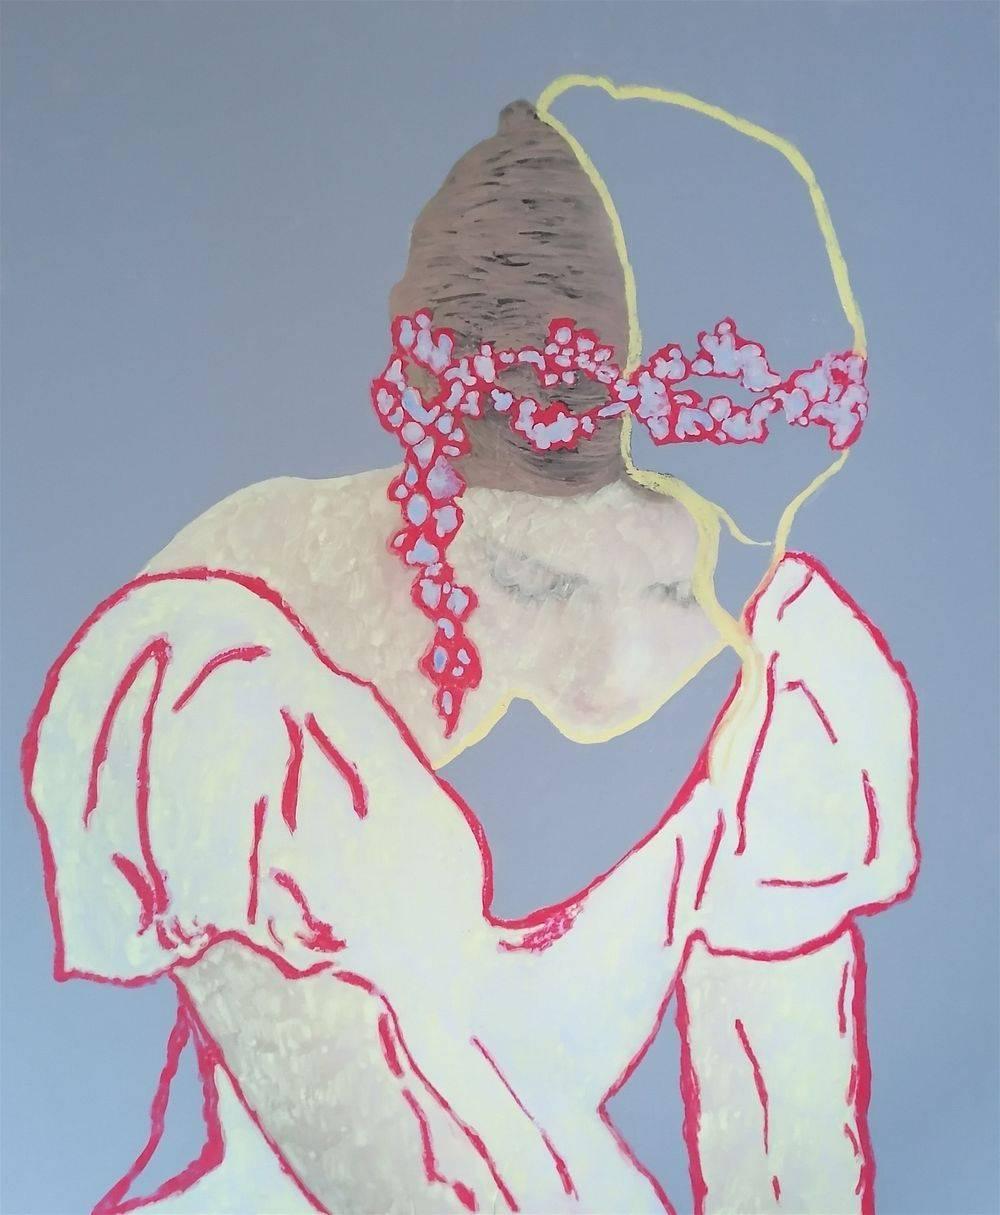 Aquarelle, Acrylique, Femme, Histoire de l'art, Portraiture à l'h